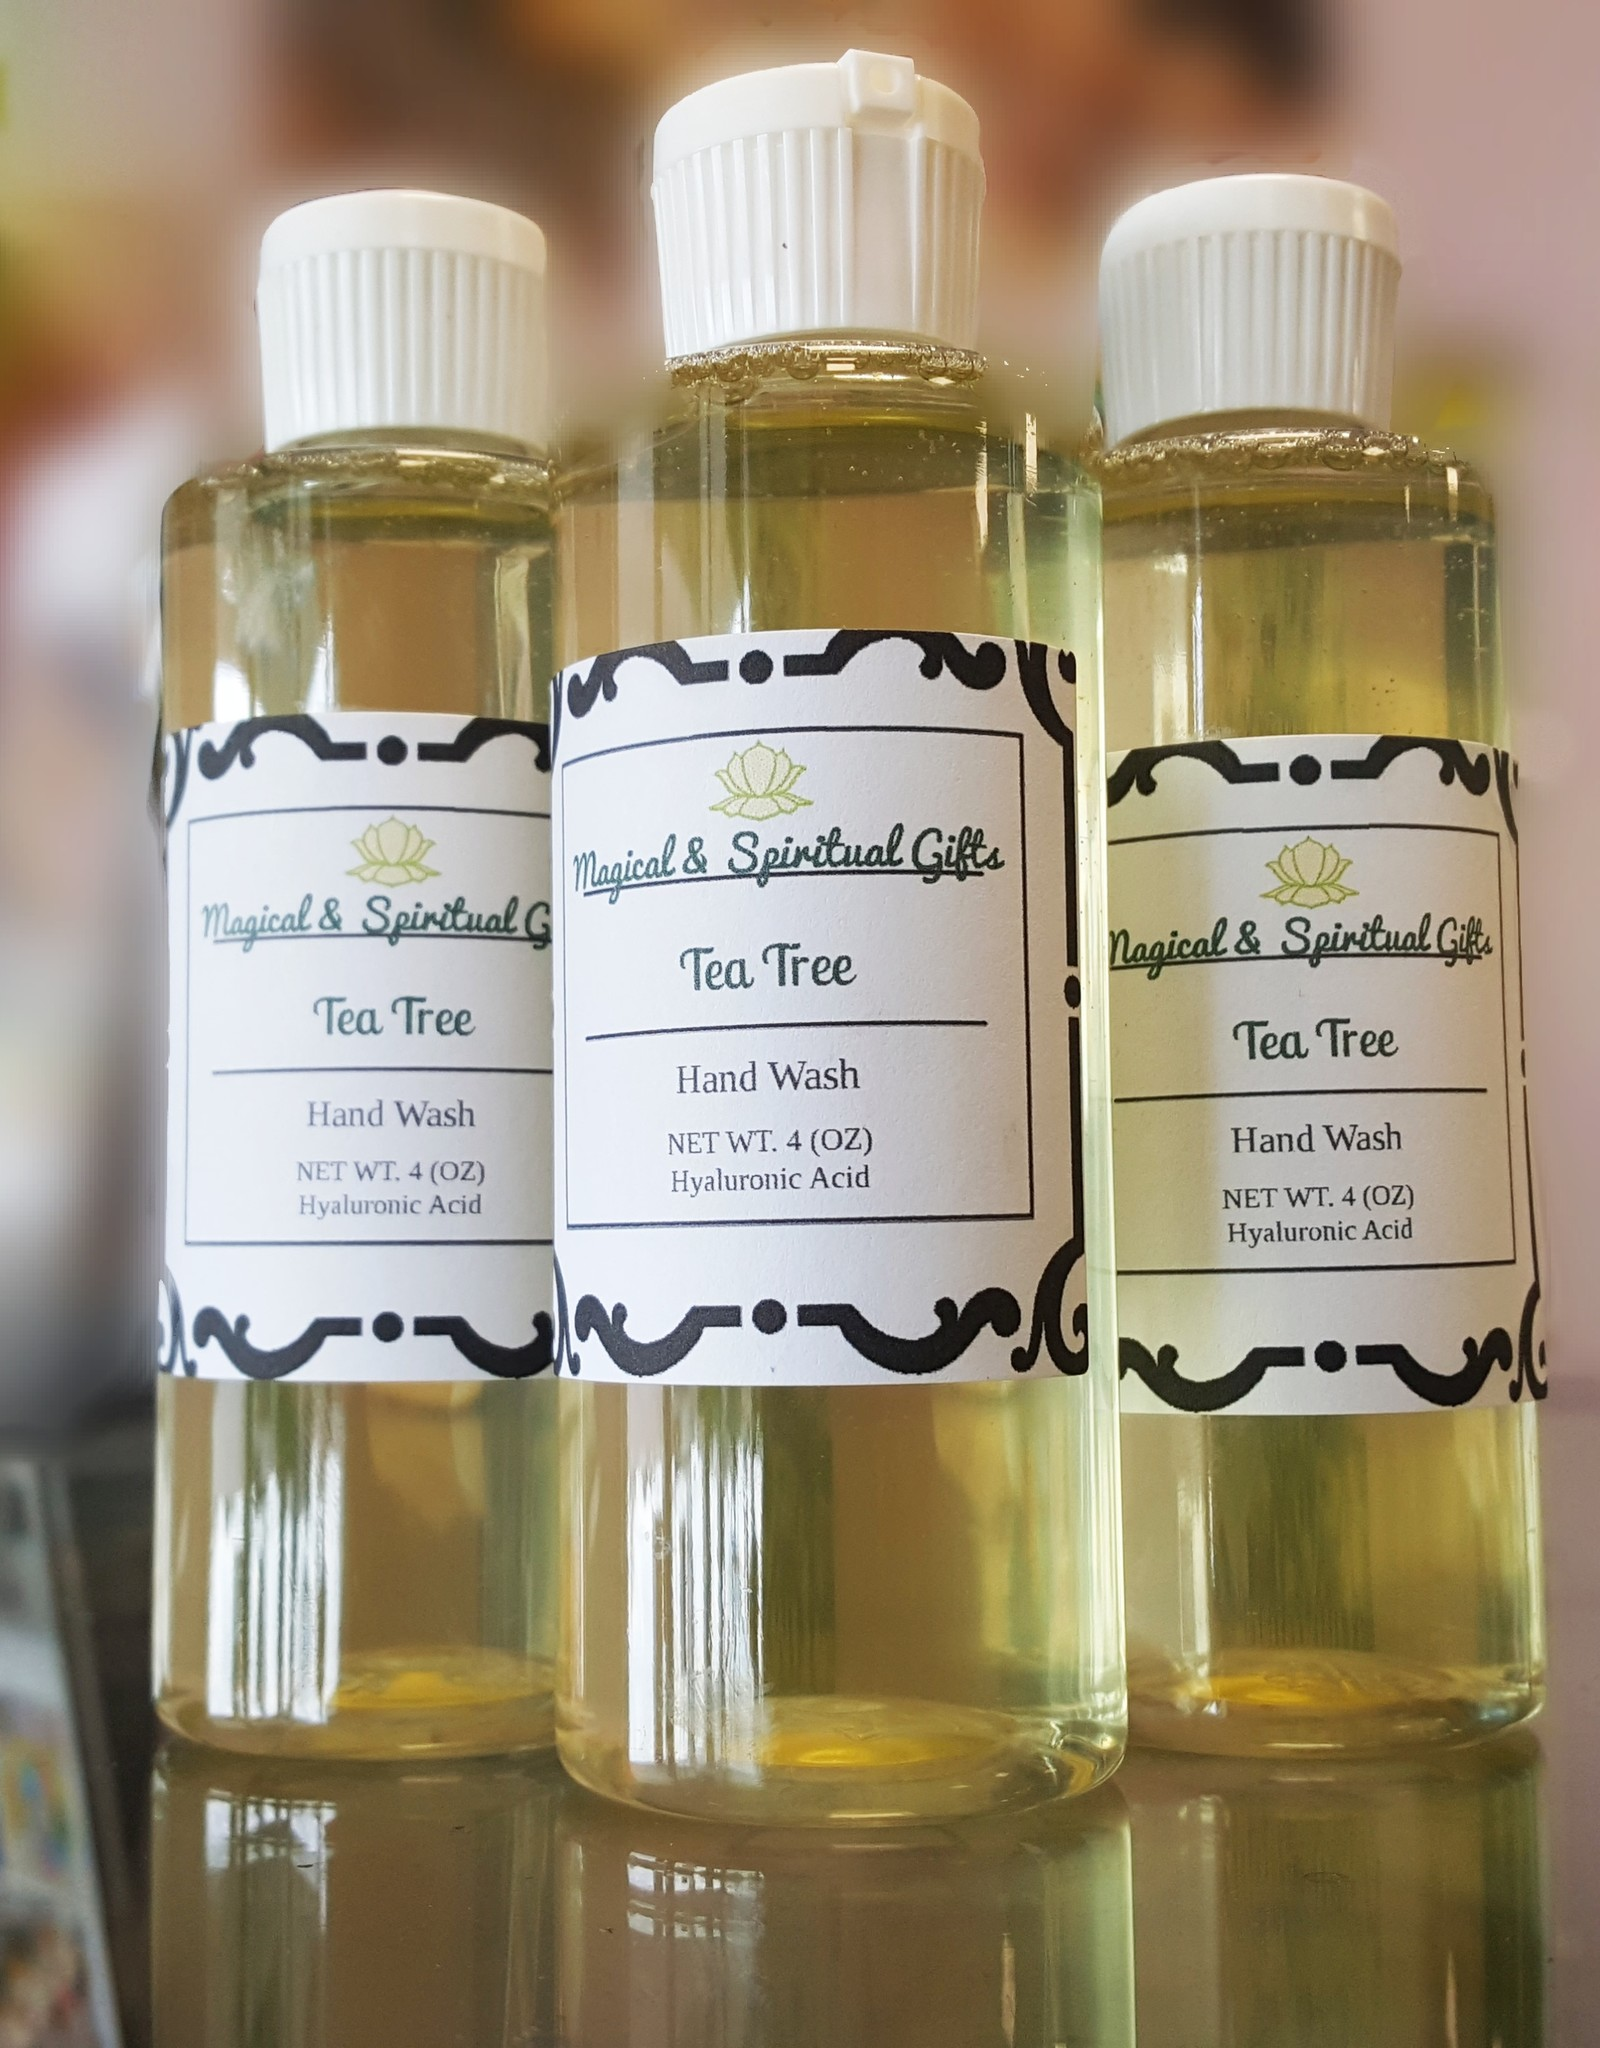 Tea Tree Hand Wash